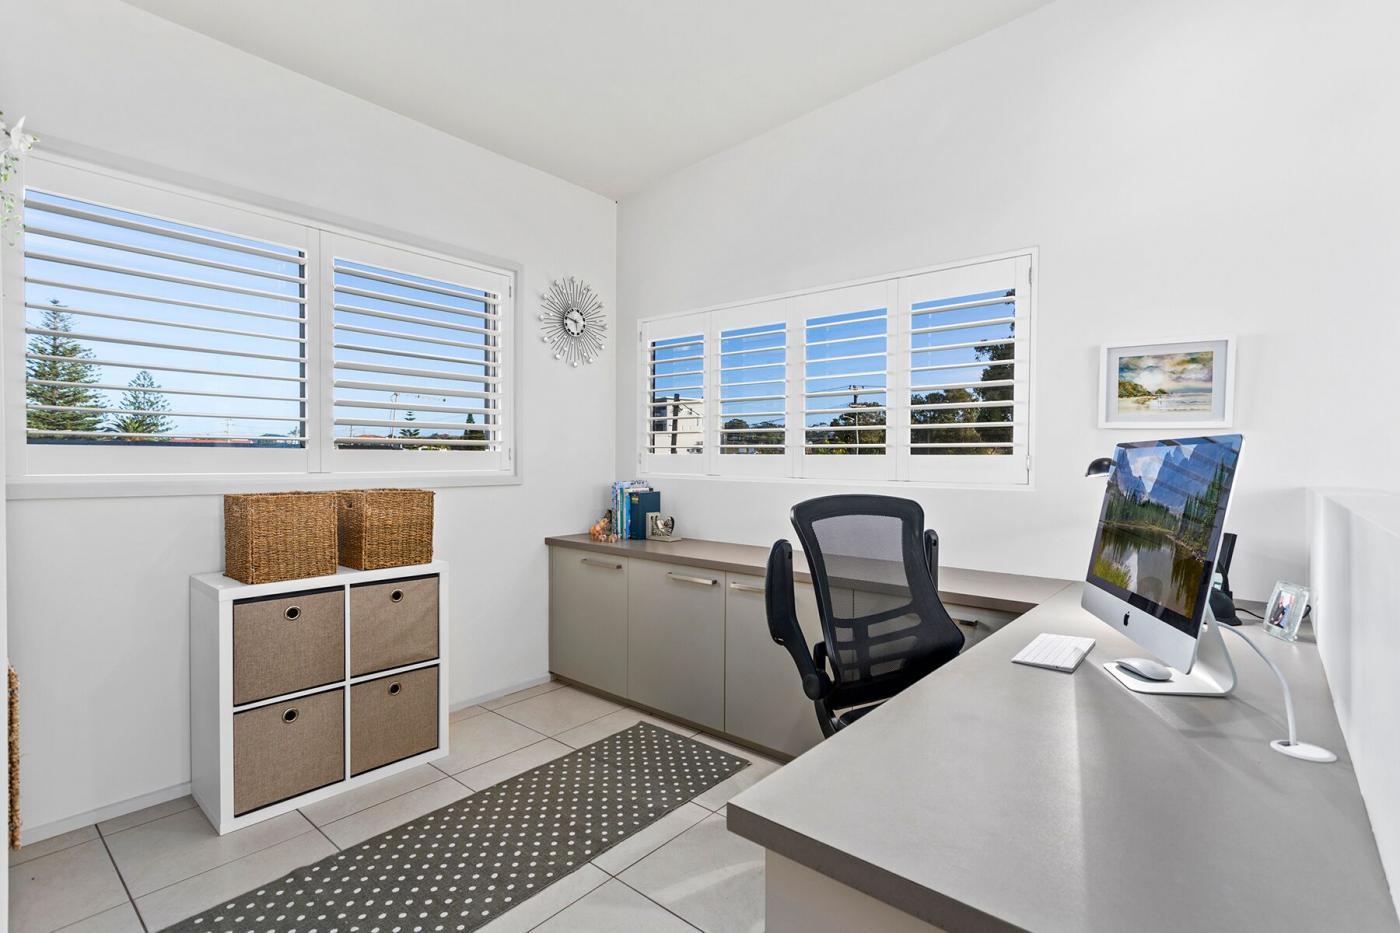 37 ocean street woolgoolga nsw 2456 sale rental history property 360